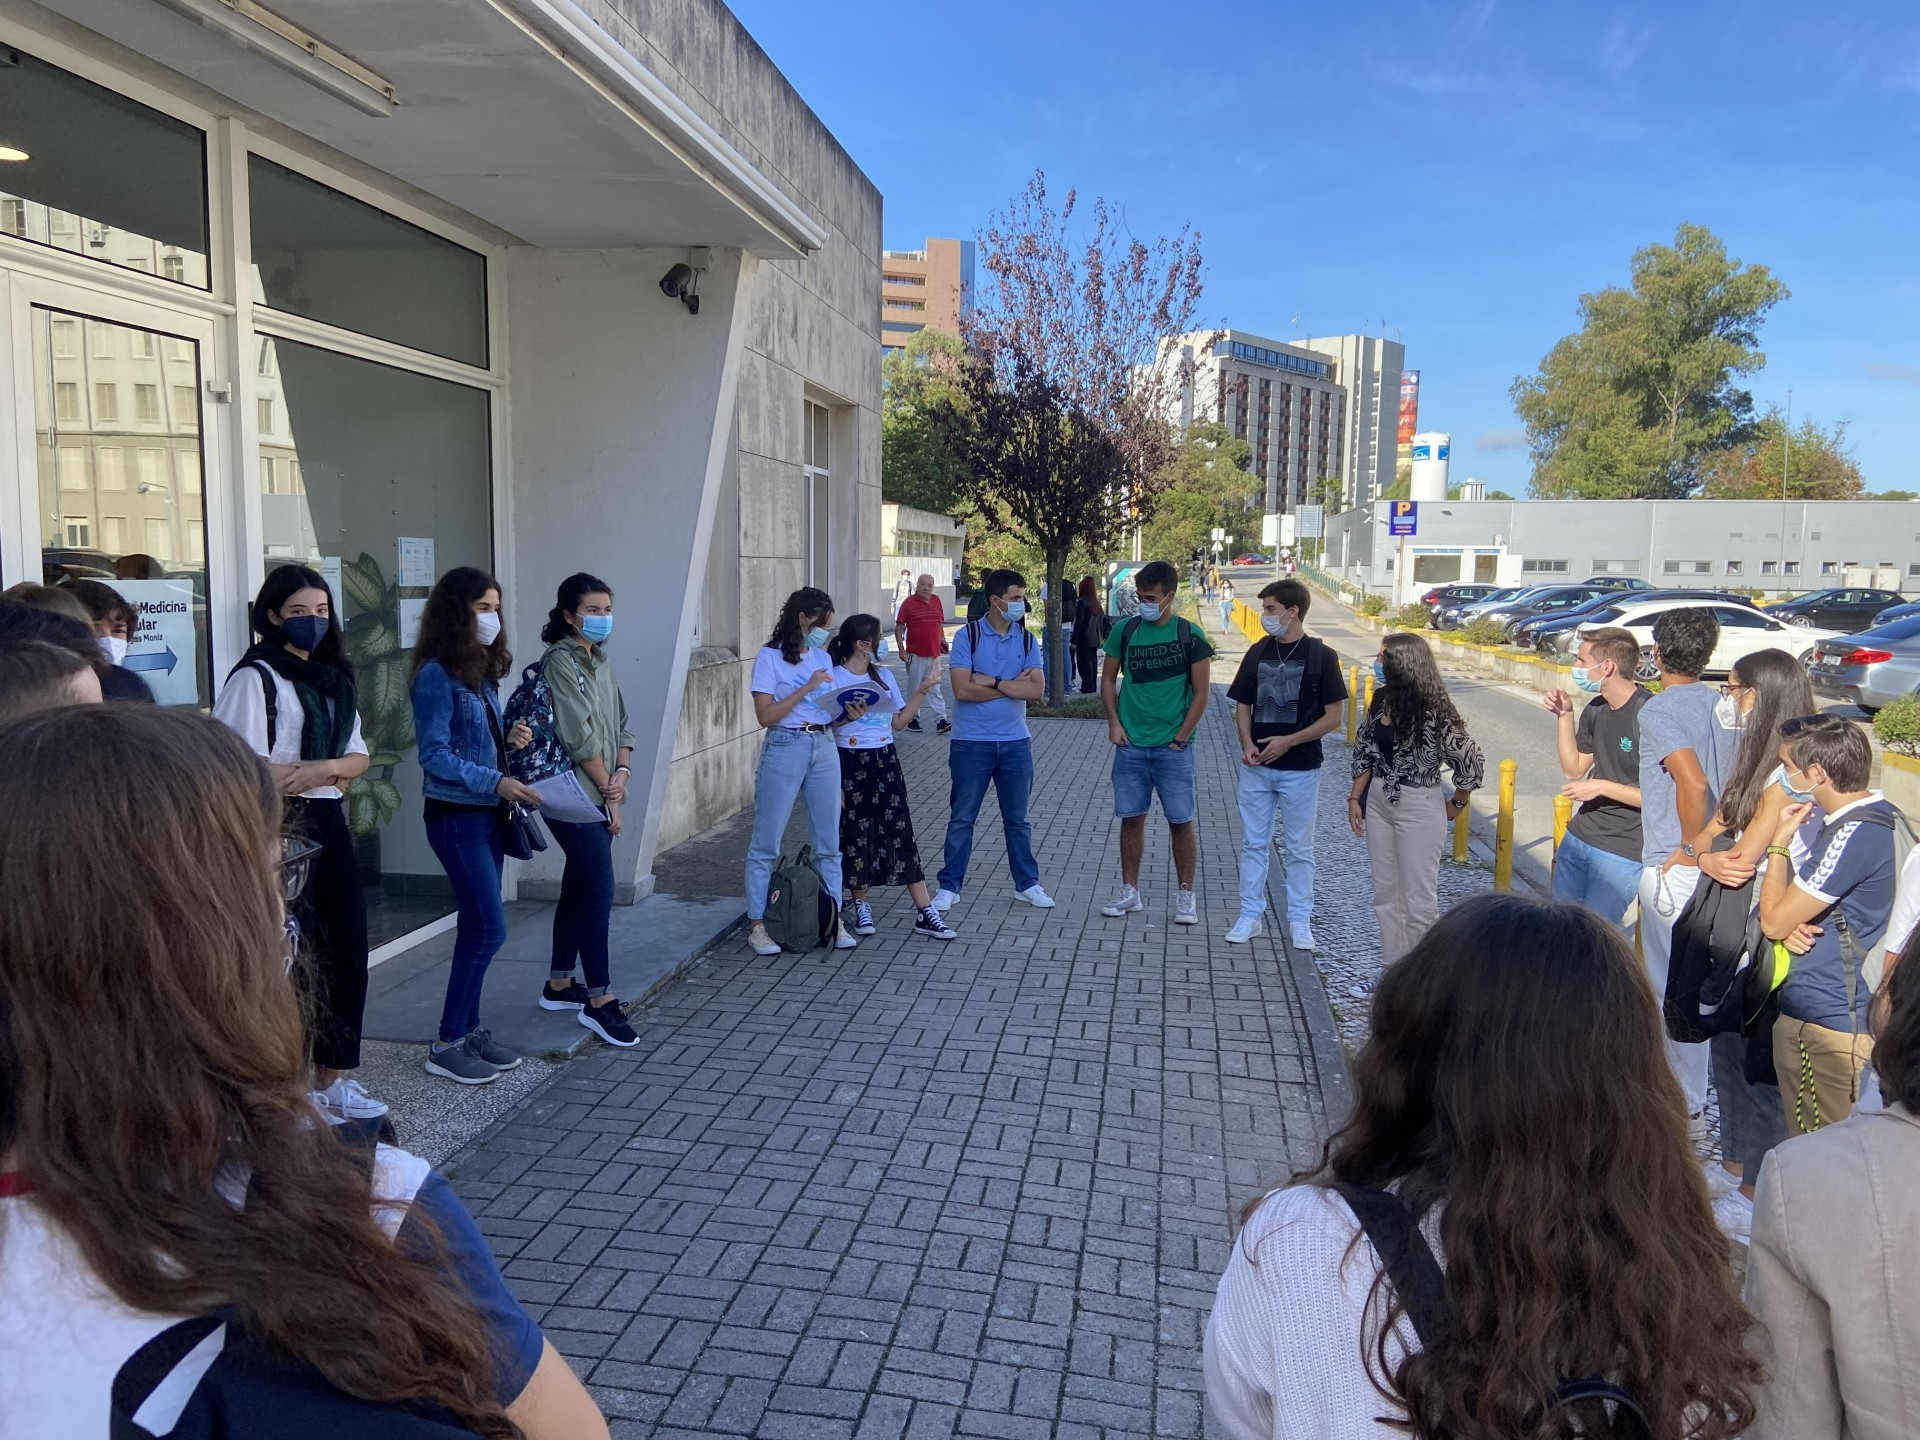 grupo de estudantes em circulo